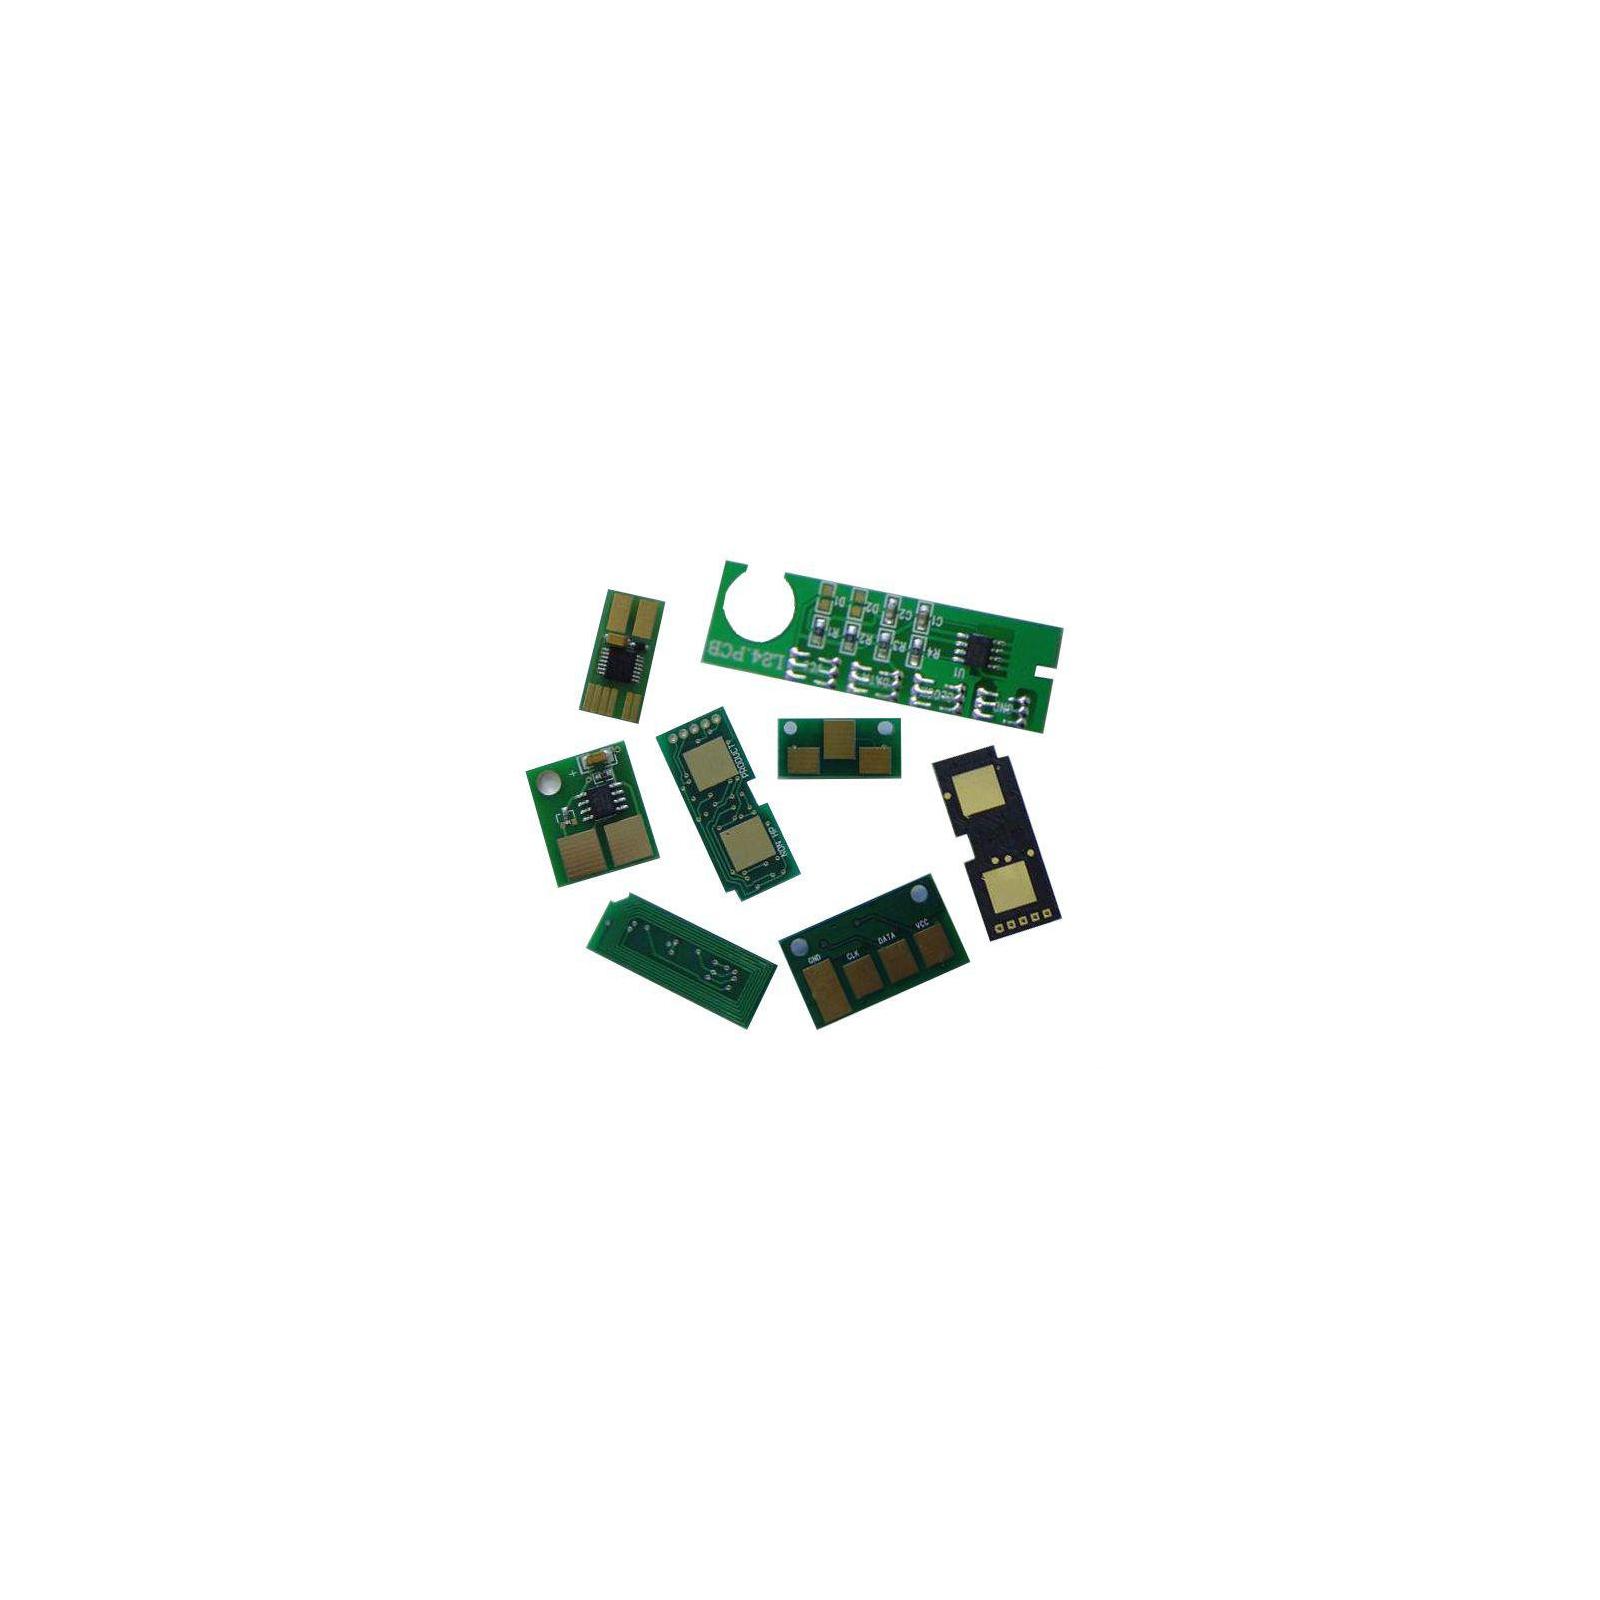 Чип для картриджа EPSON T1291 ДЛЯ SX230/420 BLACK Apex (CHIP-EPS-T1291-B)